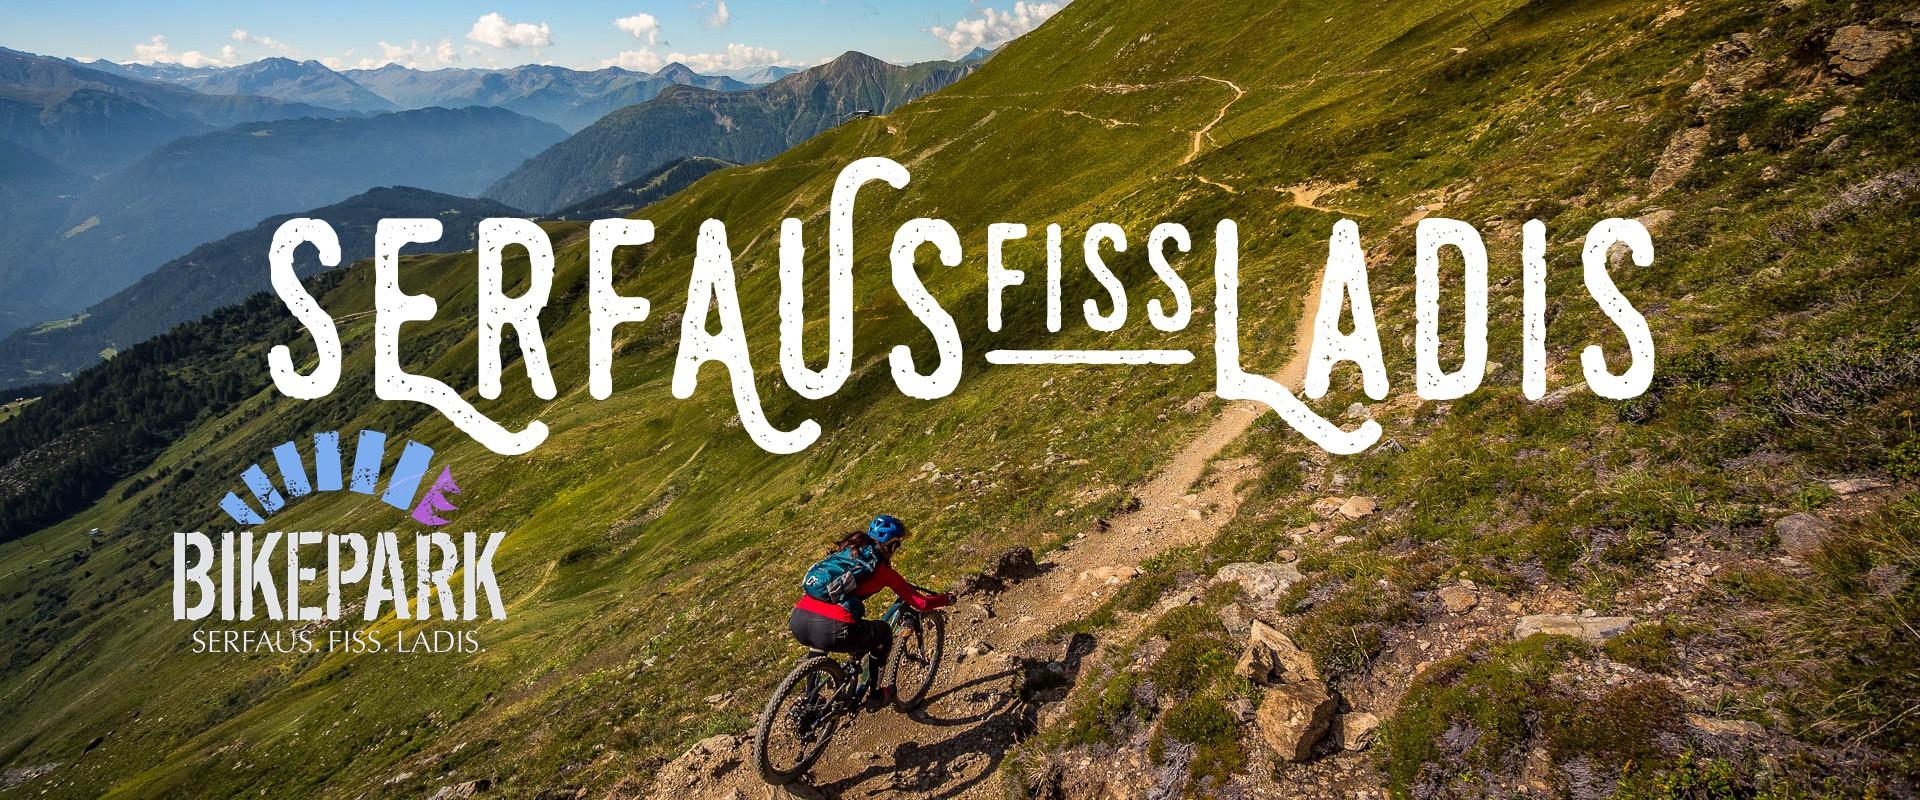 Serfaus Fiss Ladis - najlepšie stredisko v Alpách pre rodiny s deťmi